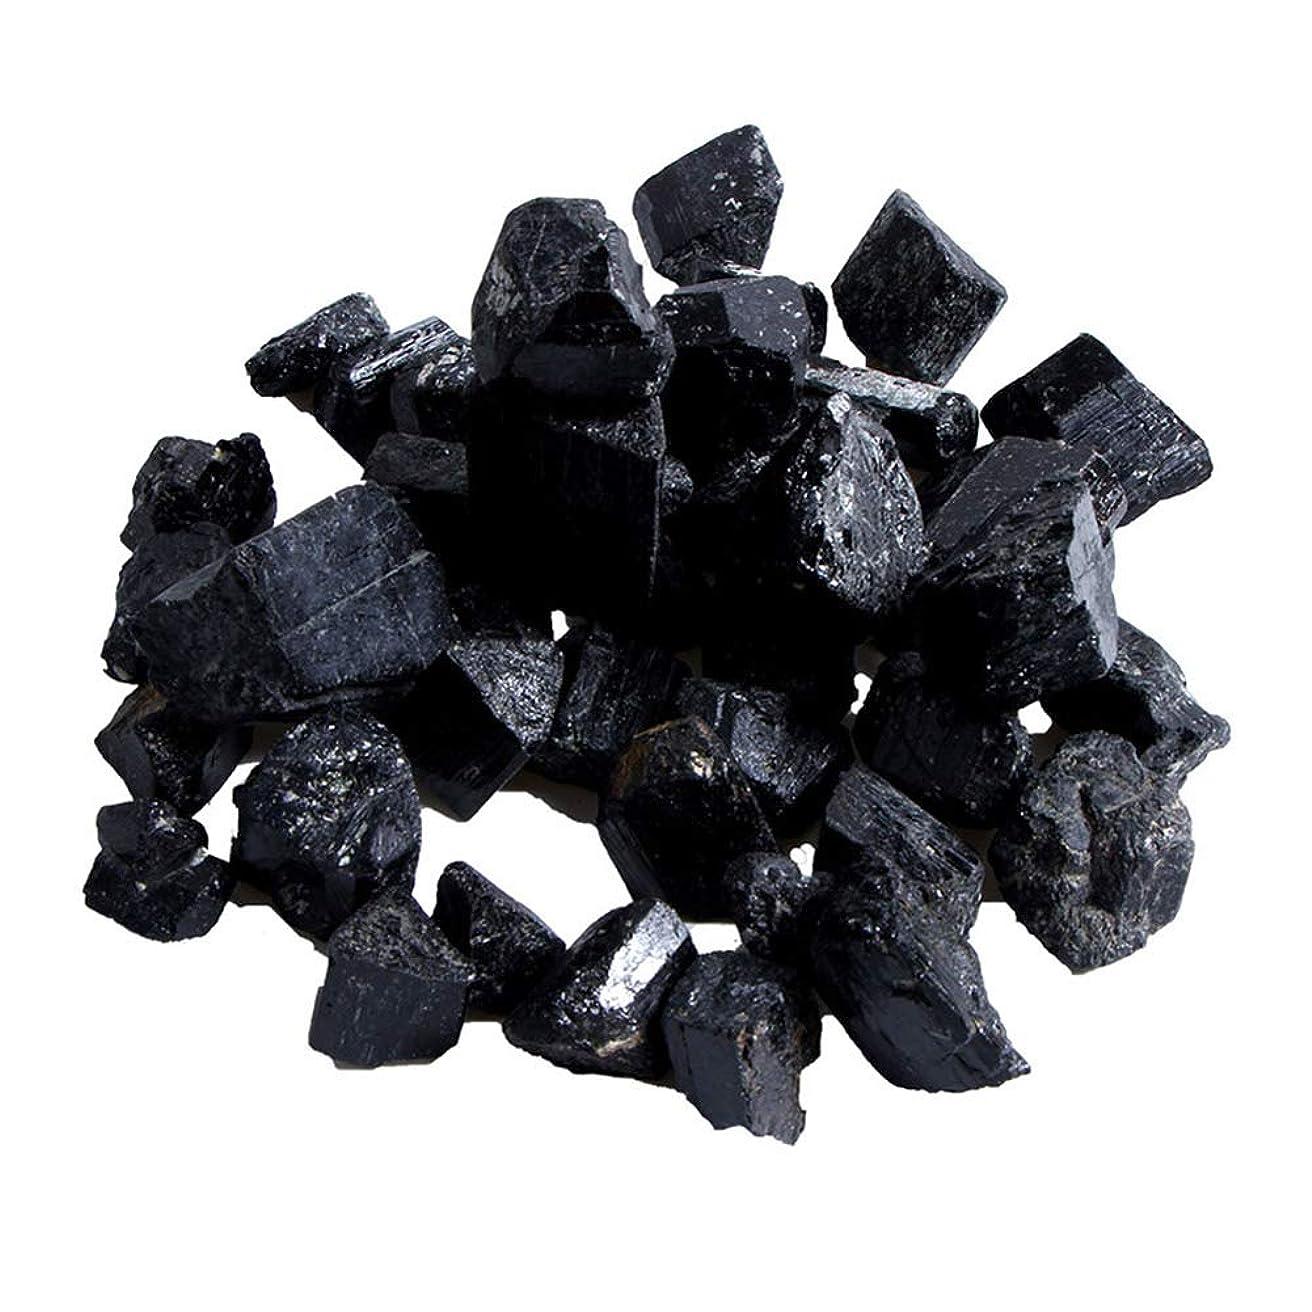 起きろクラッシュ引き金Funtoget 蒸し部屋用の天然黒トルマリンクリスタルラフストーンロック鉱物標本新しい